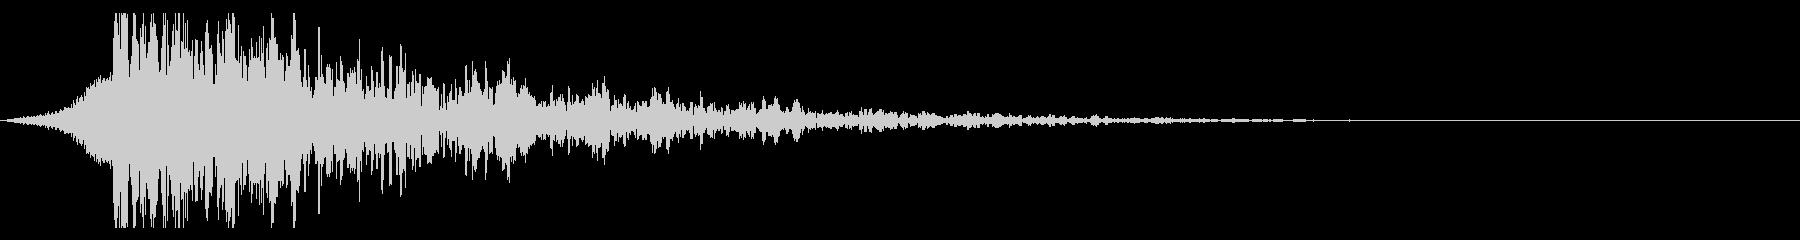 シュードーン-24-3(インパクト音)の未再生の波形